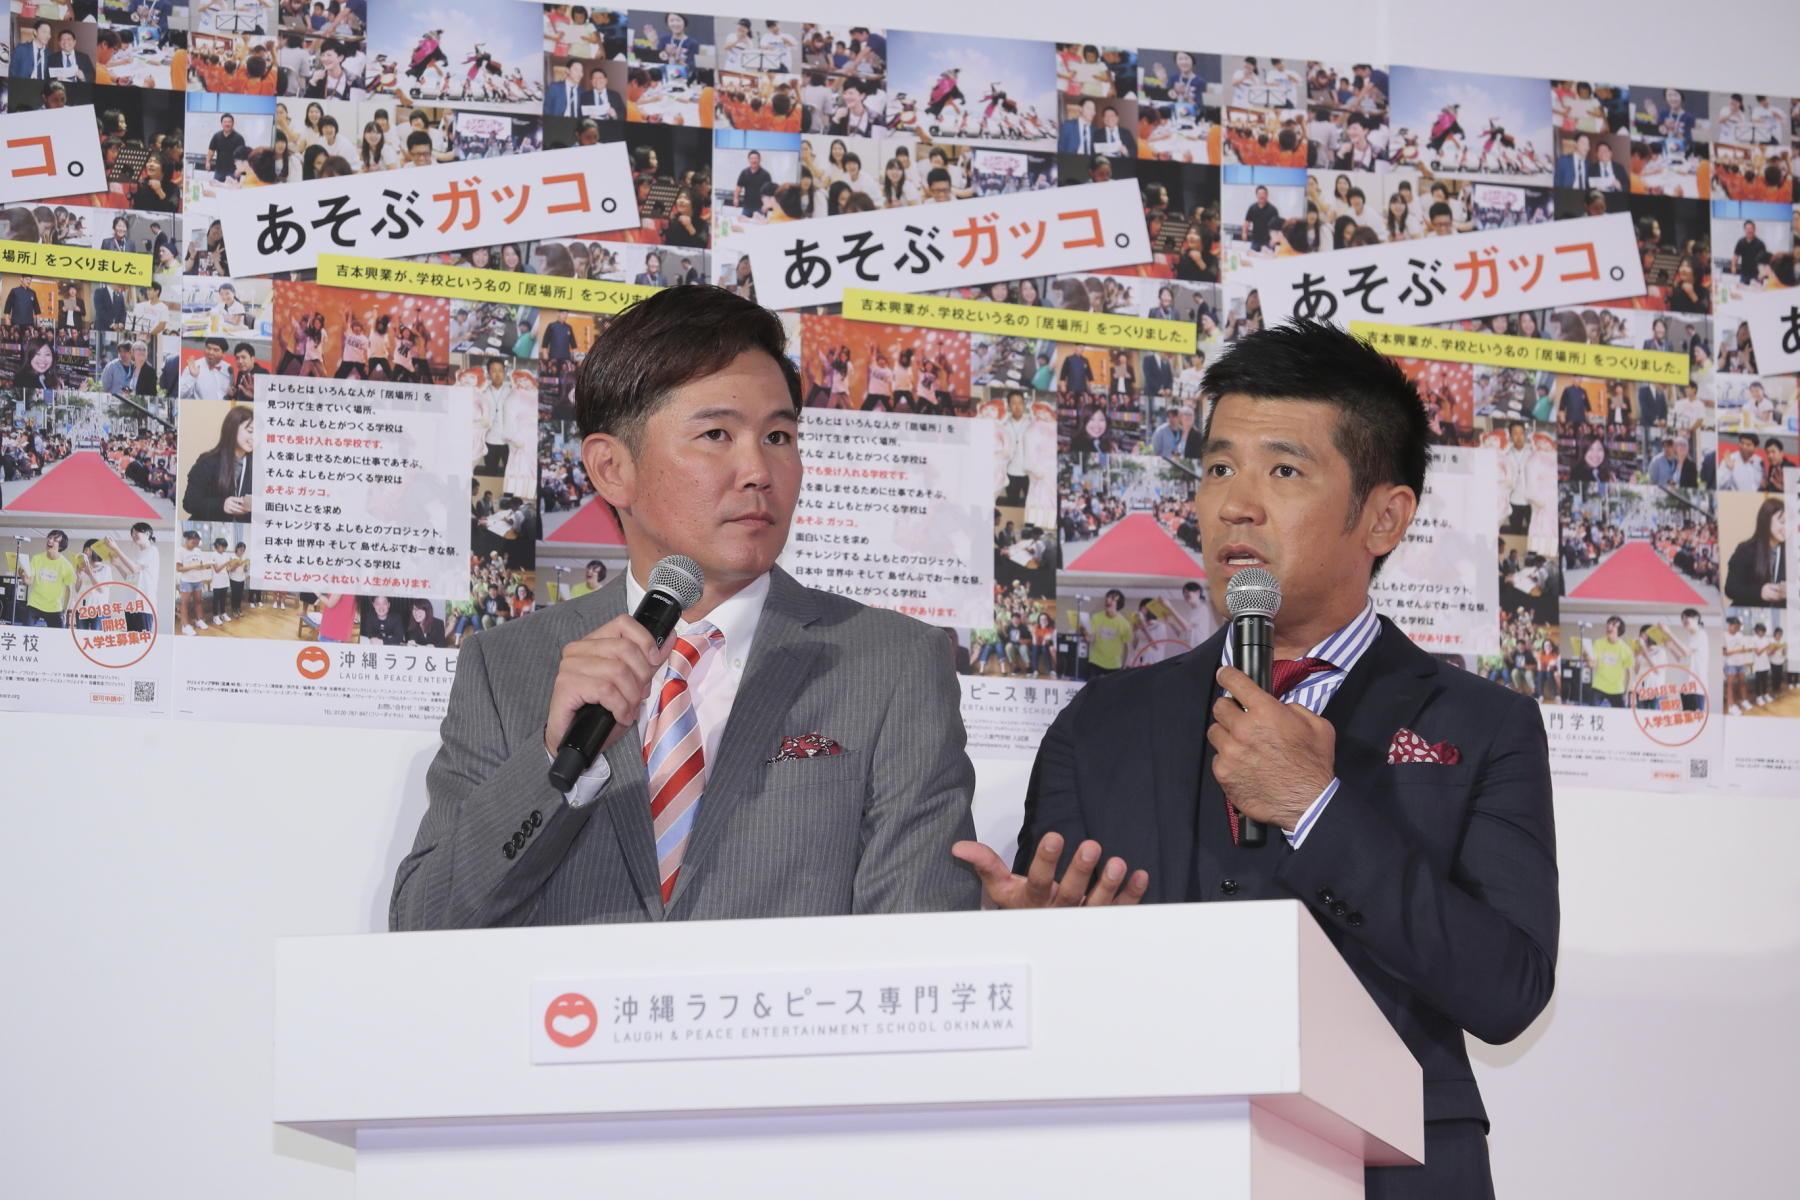 http://news.yoshimoto.co.jp/20171006101935-53c2dd6b15ea5a362843ed2608e480db5d793d2d.jpg